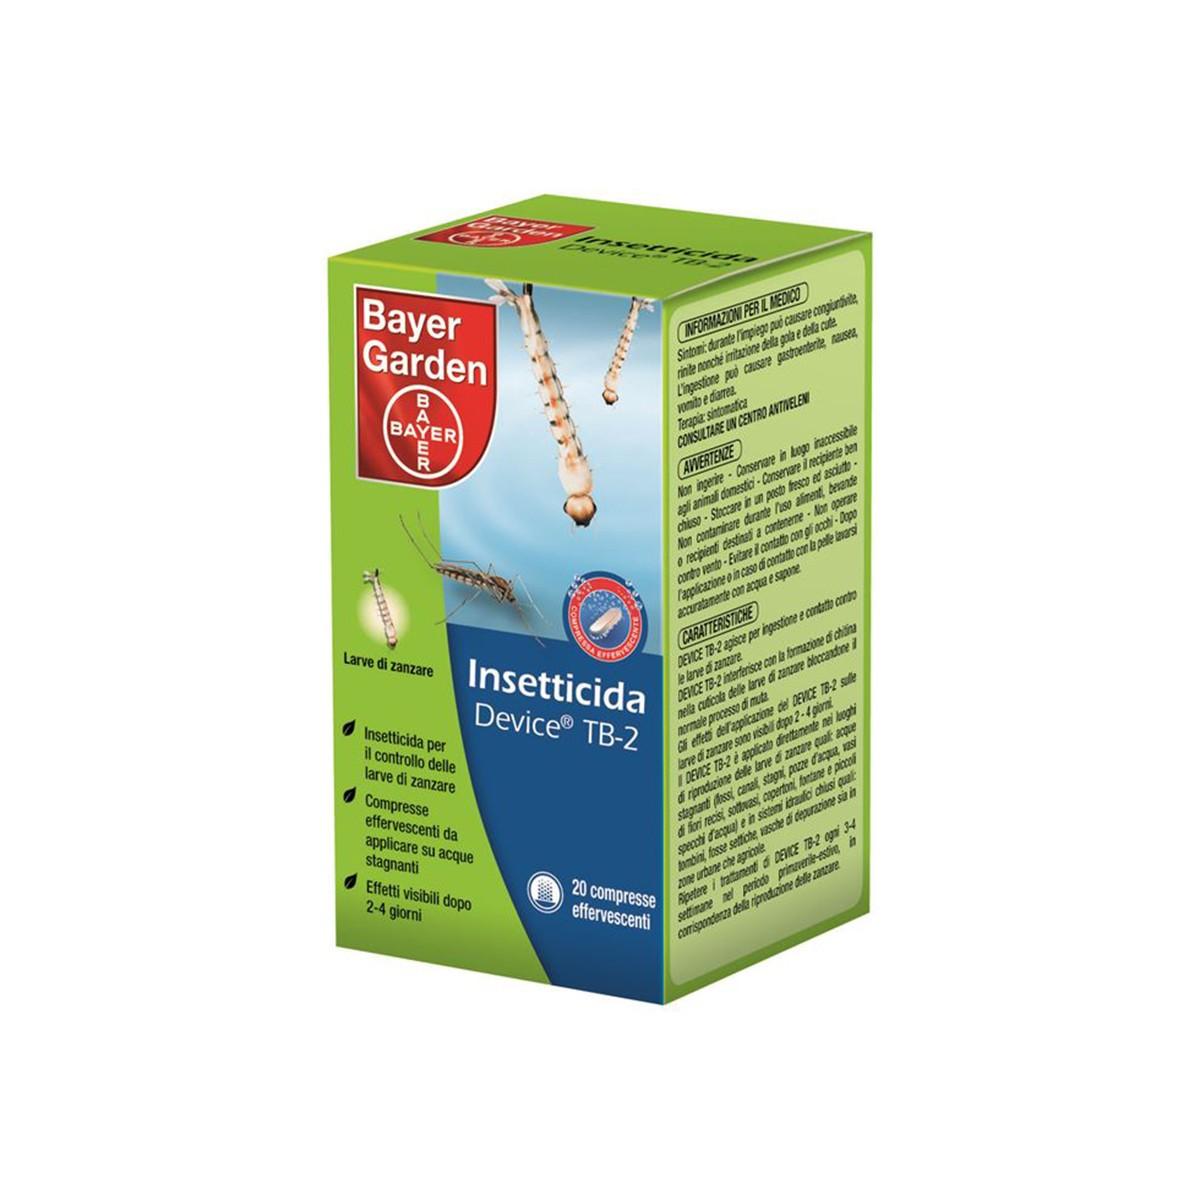 Insetticida Device Tb-2 20 Pastiglie